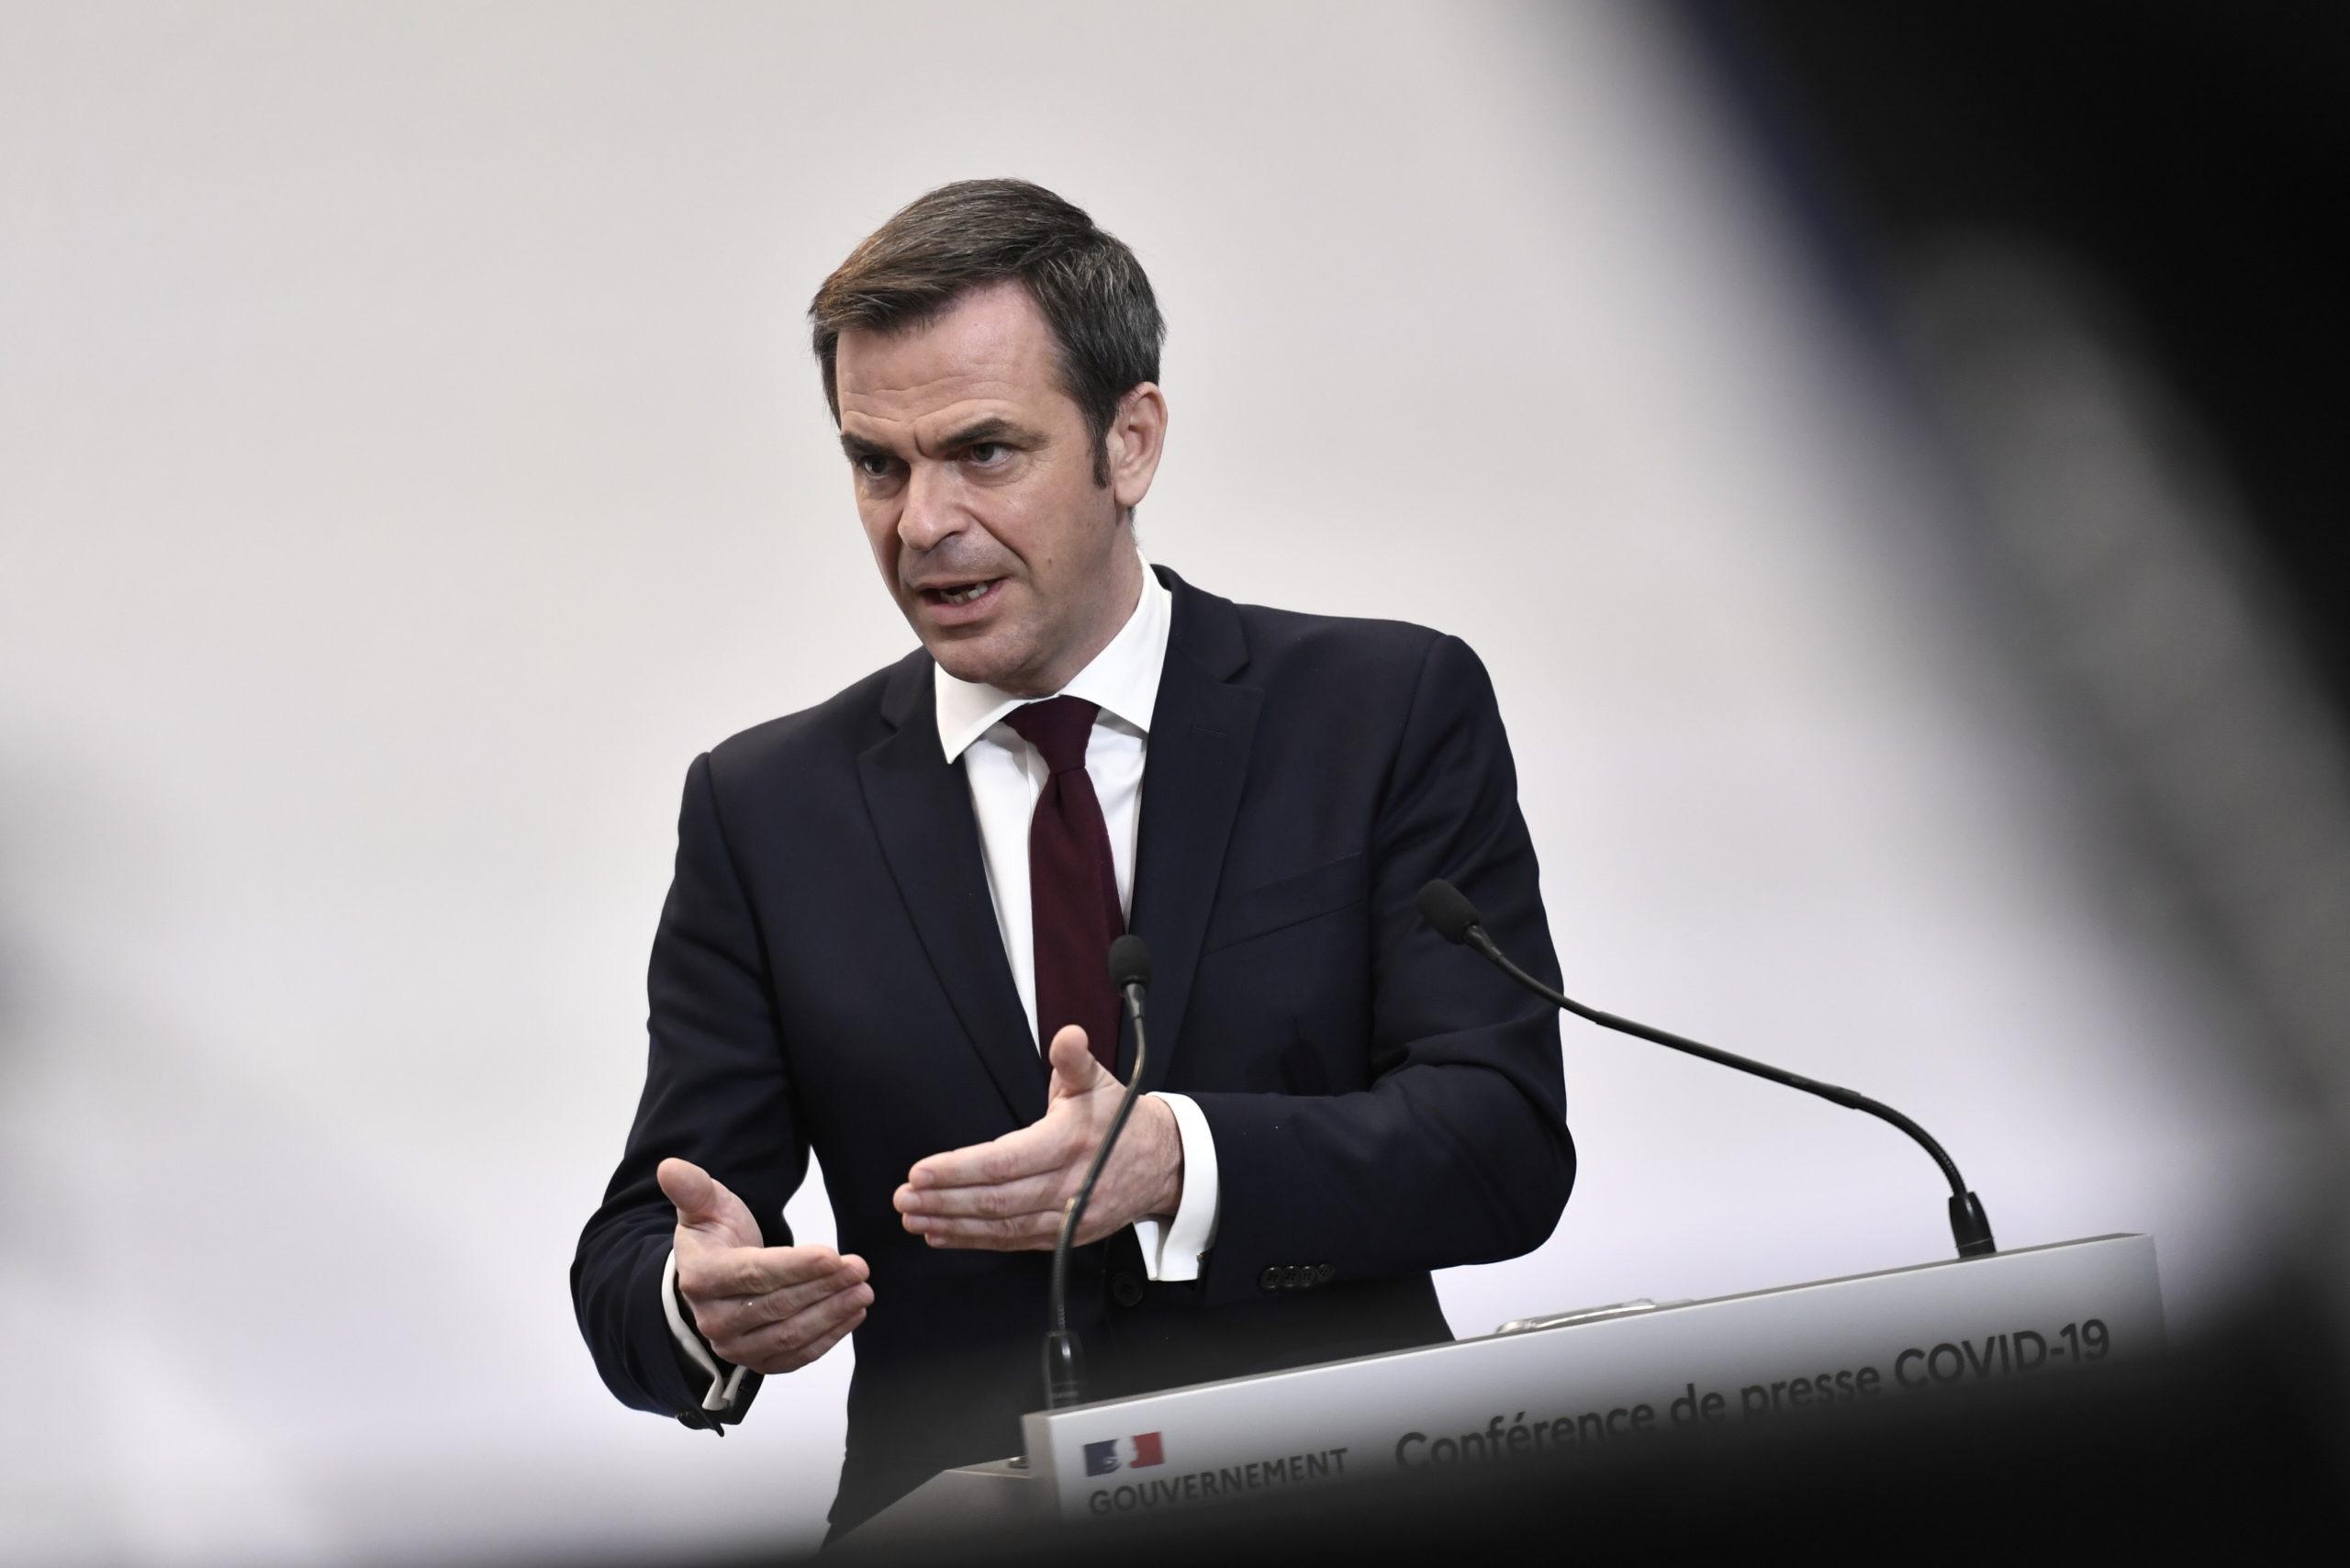 Coronavirus: Plus de 25.000 nouveaux cas en France, dit Véran